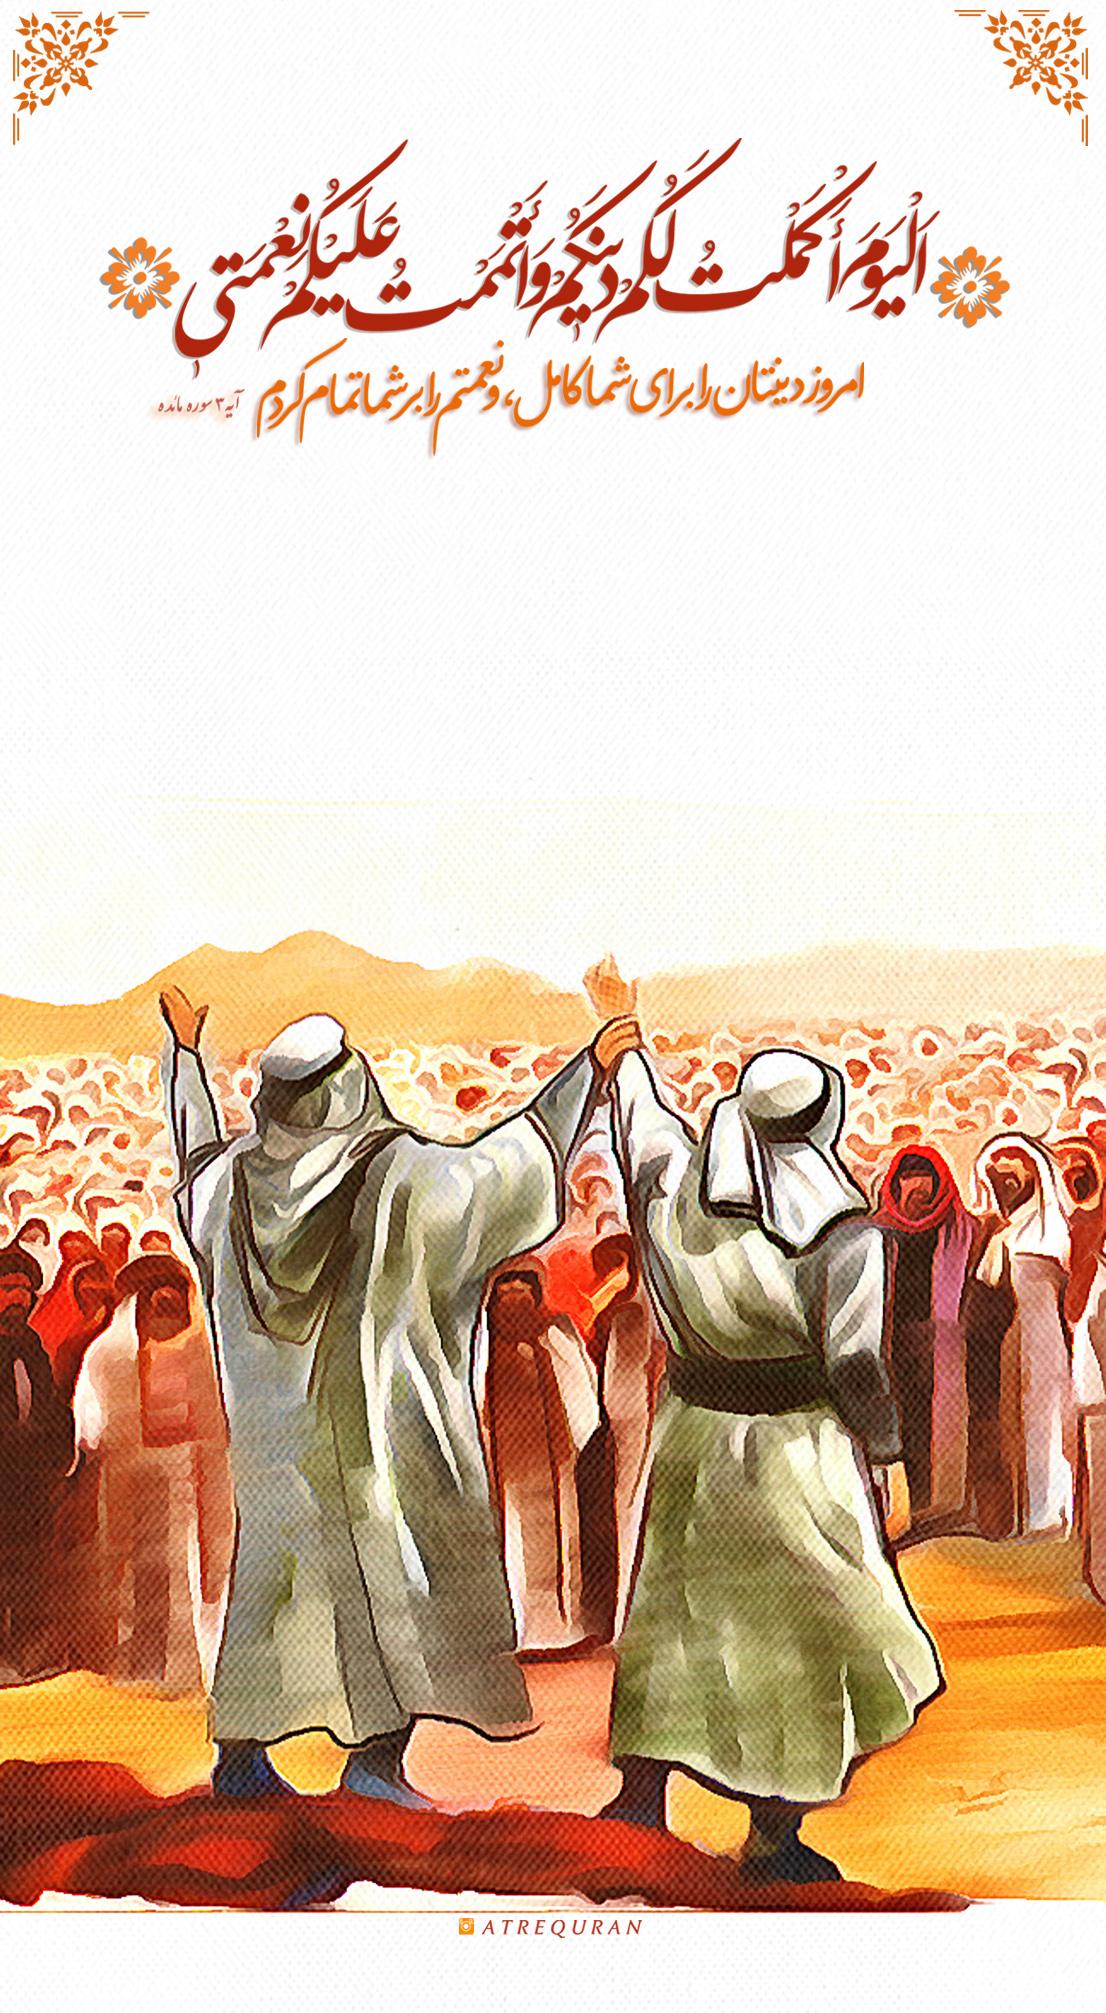 اَلْیوْمَ أَکمَلْتُ لَکمْ دینَکمْ وَ أَتْمَمْتُ عَلَیکُمْ نِعْمَتی